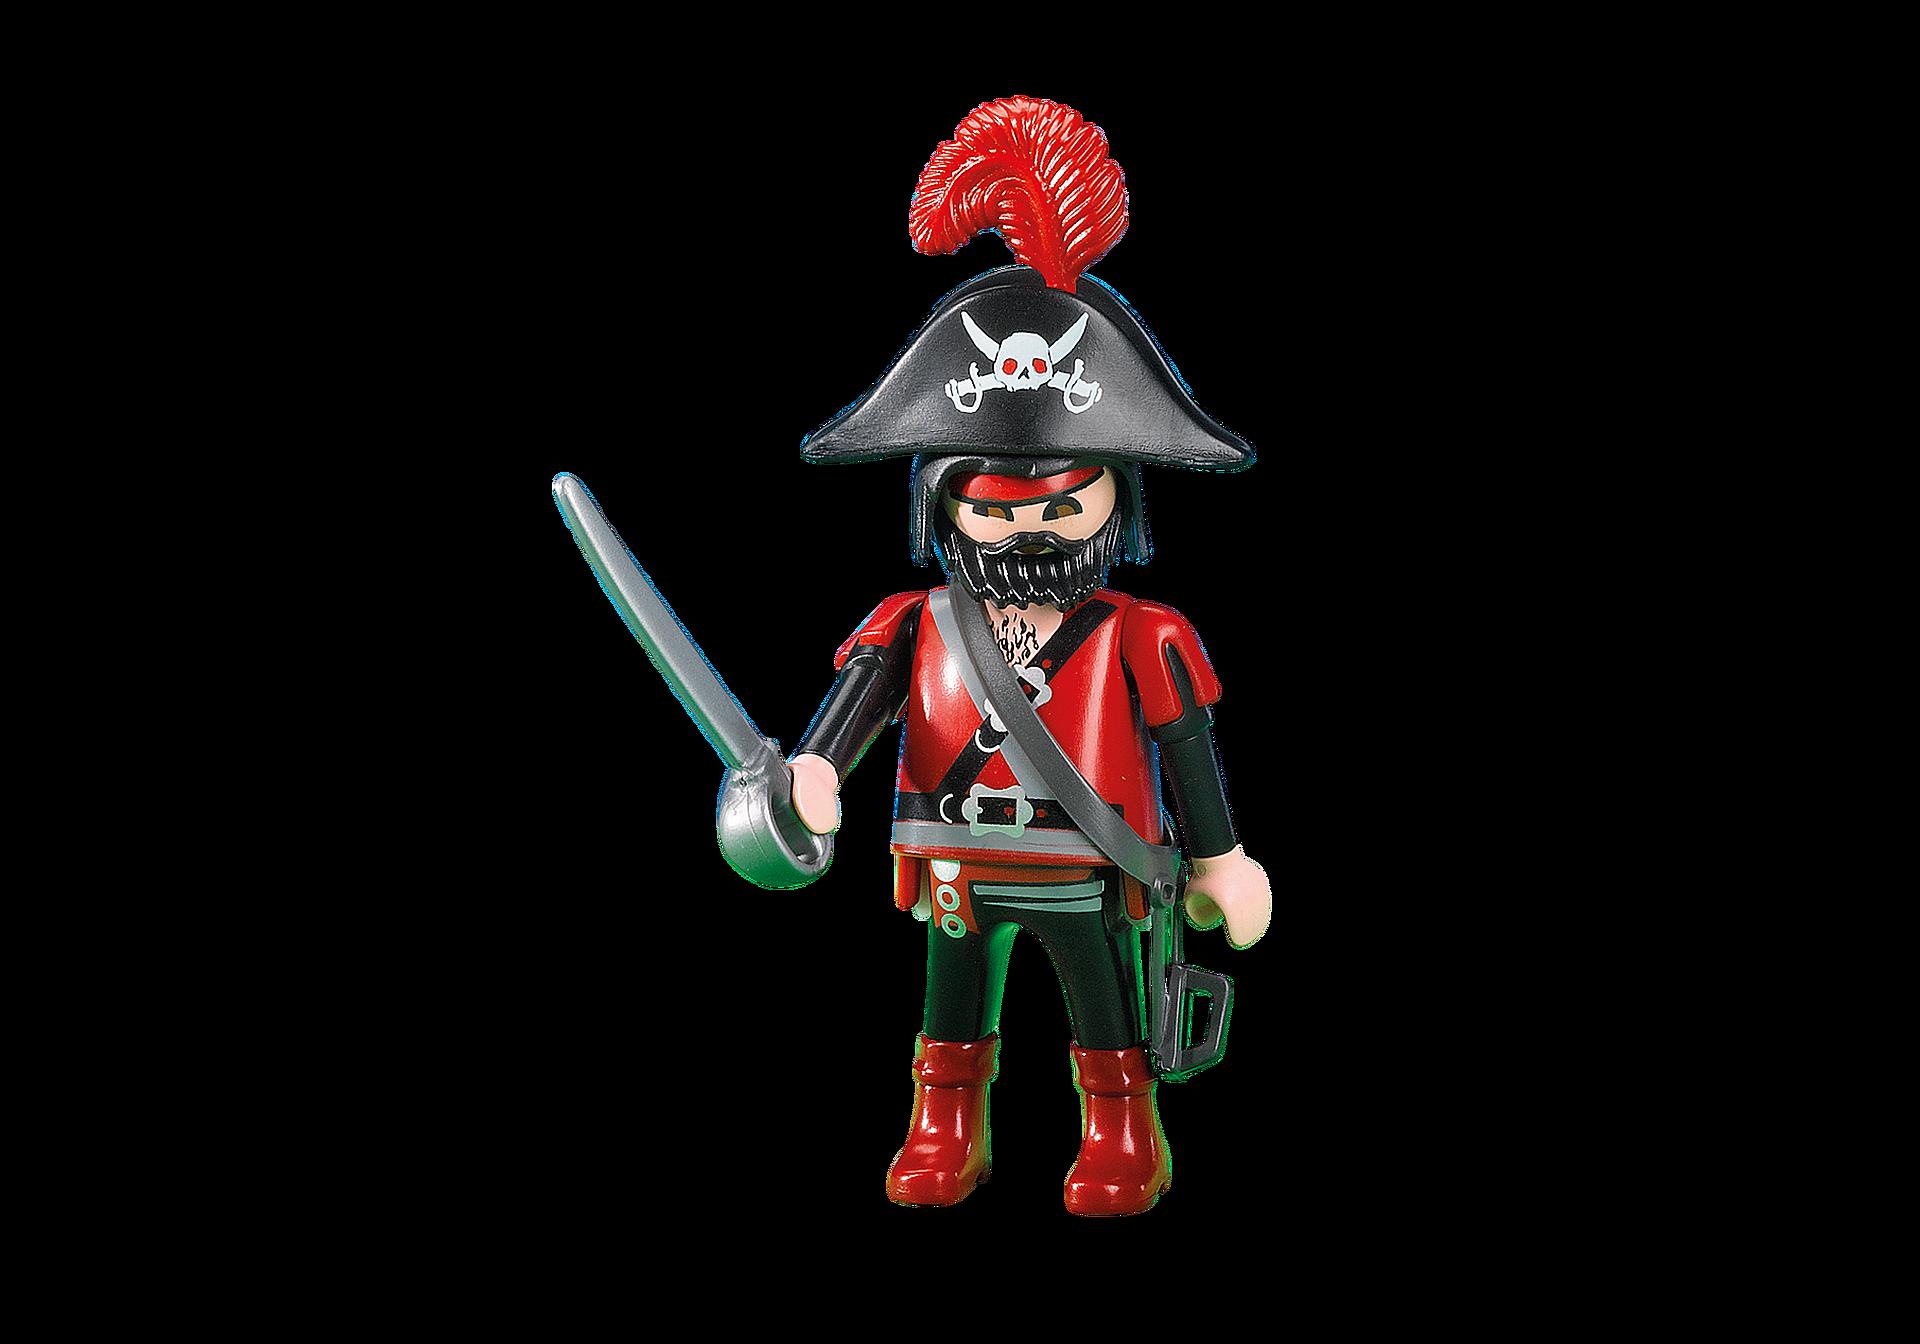 7531 Kapitän der Piraten zoom image1